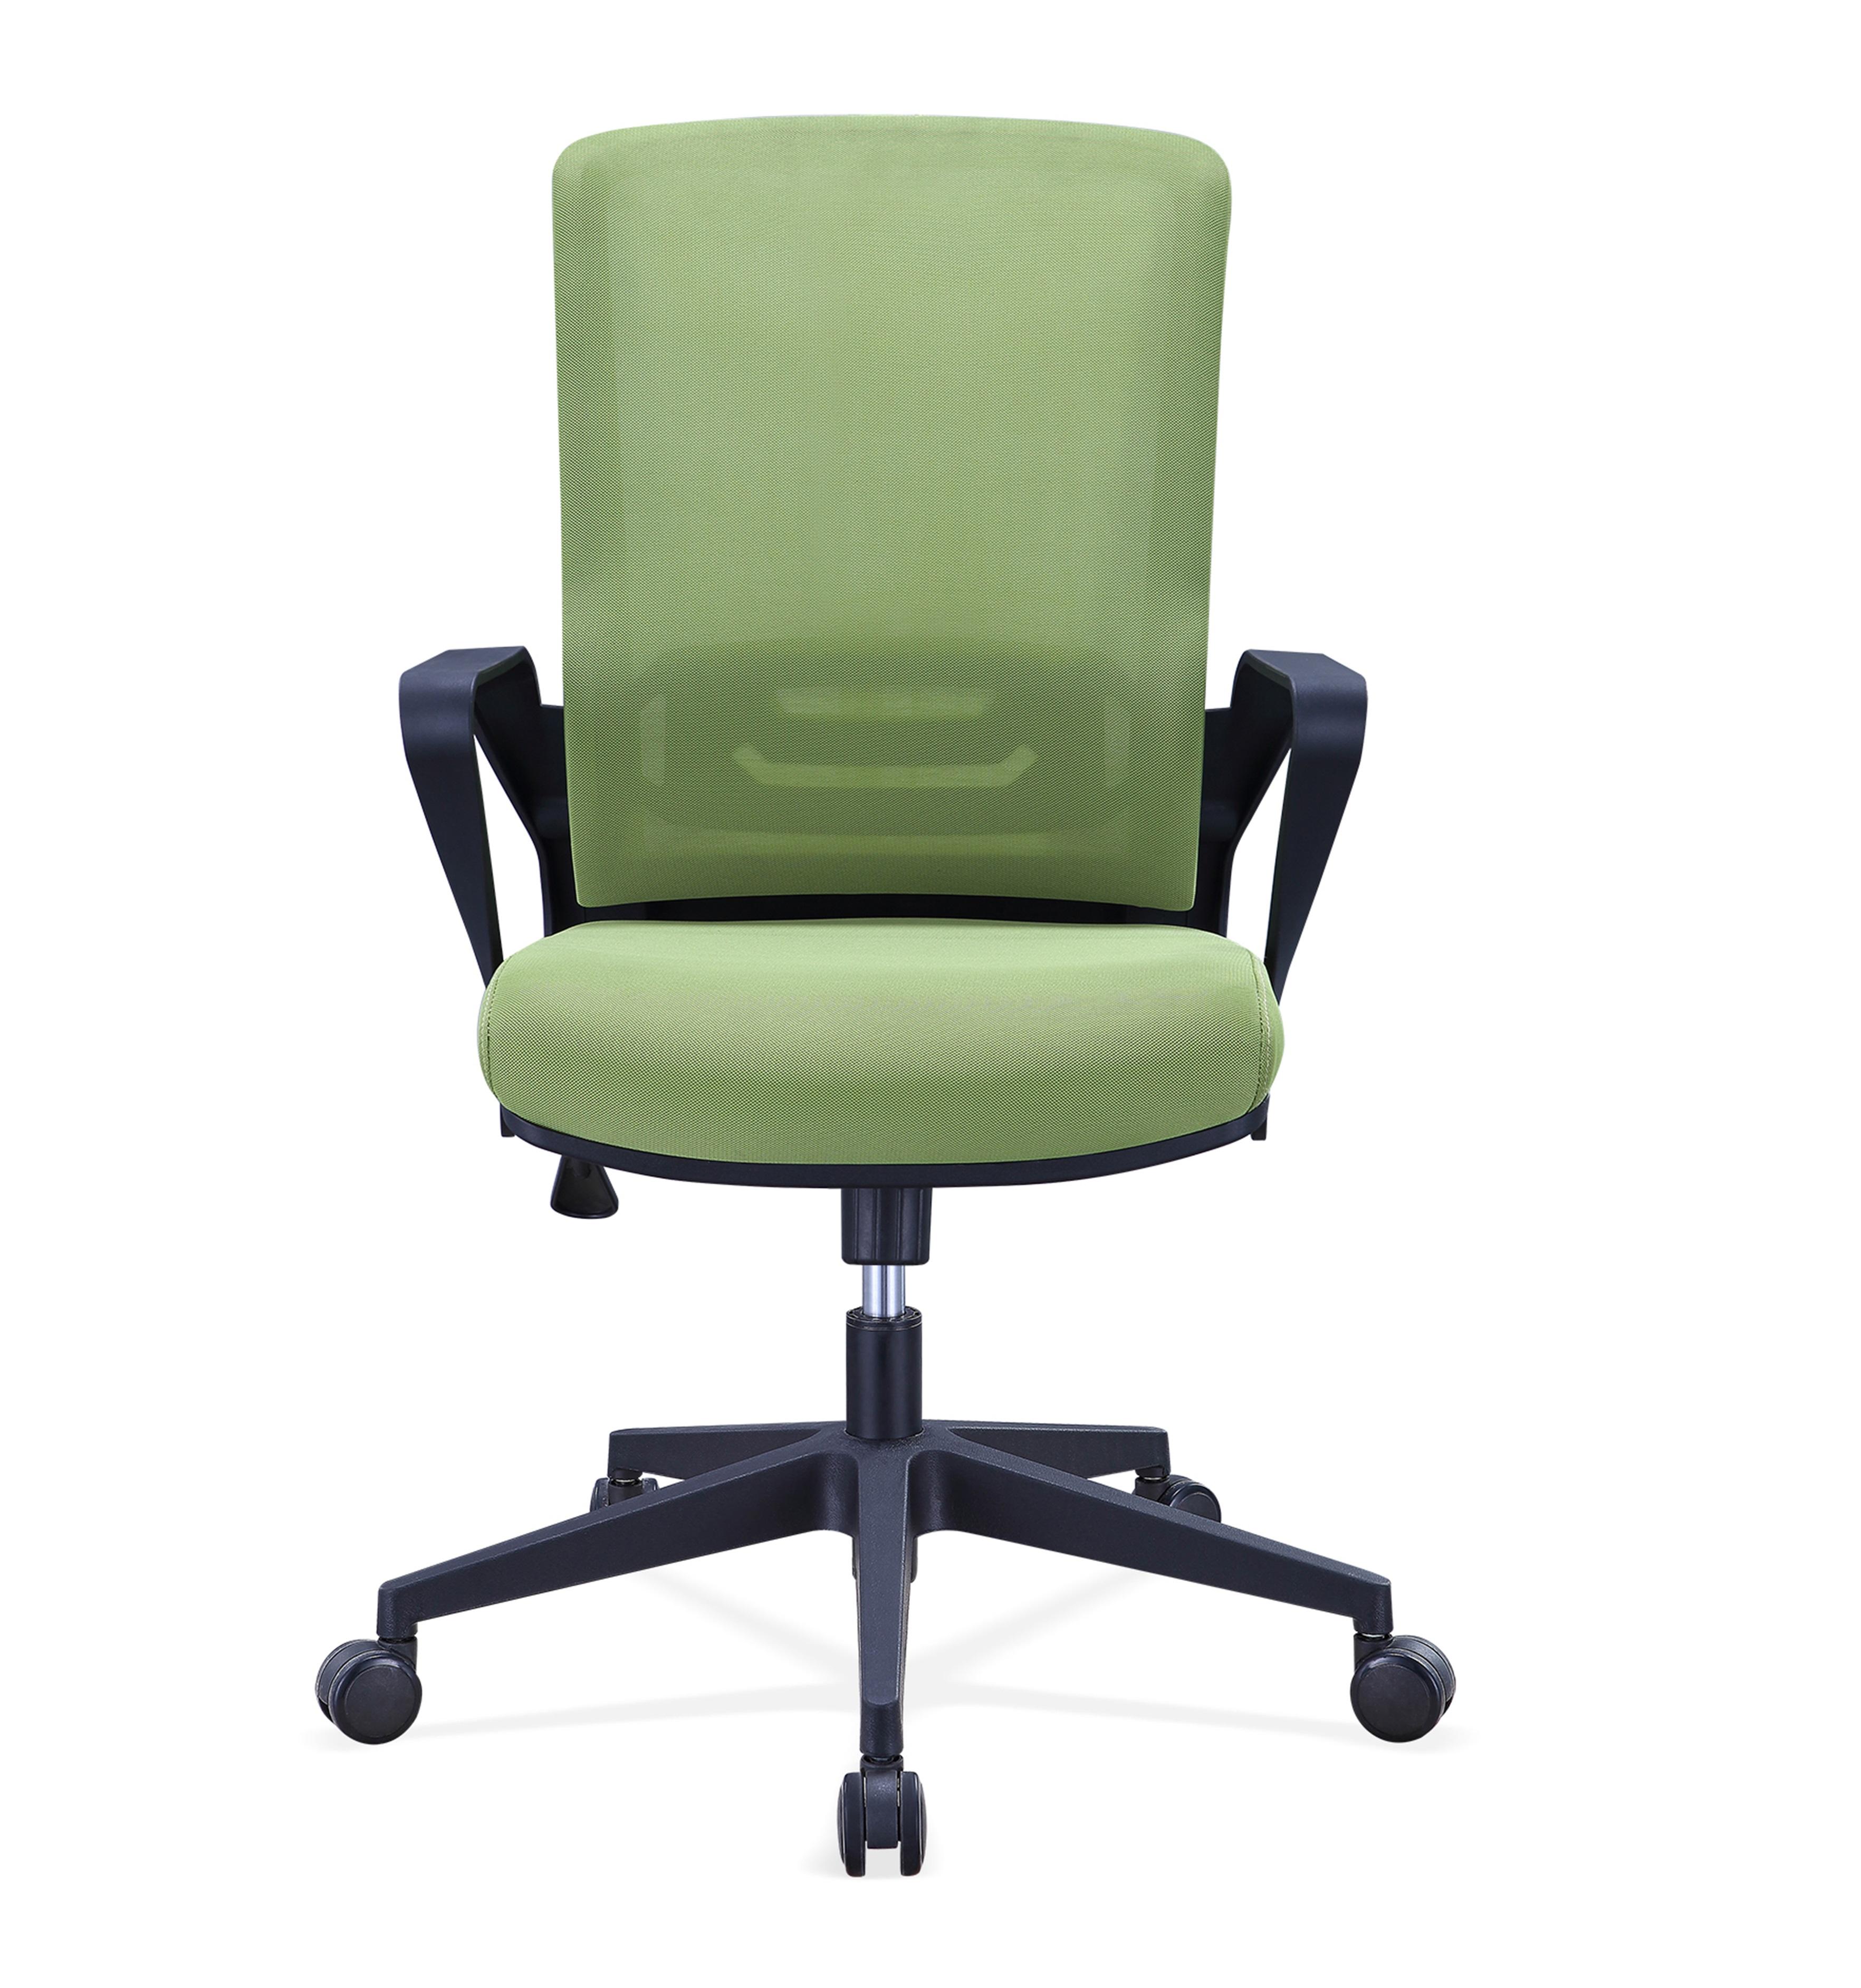 609綠背綠座 (2)